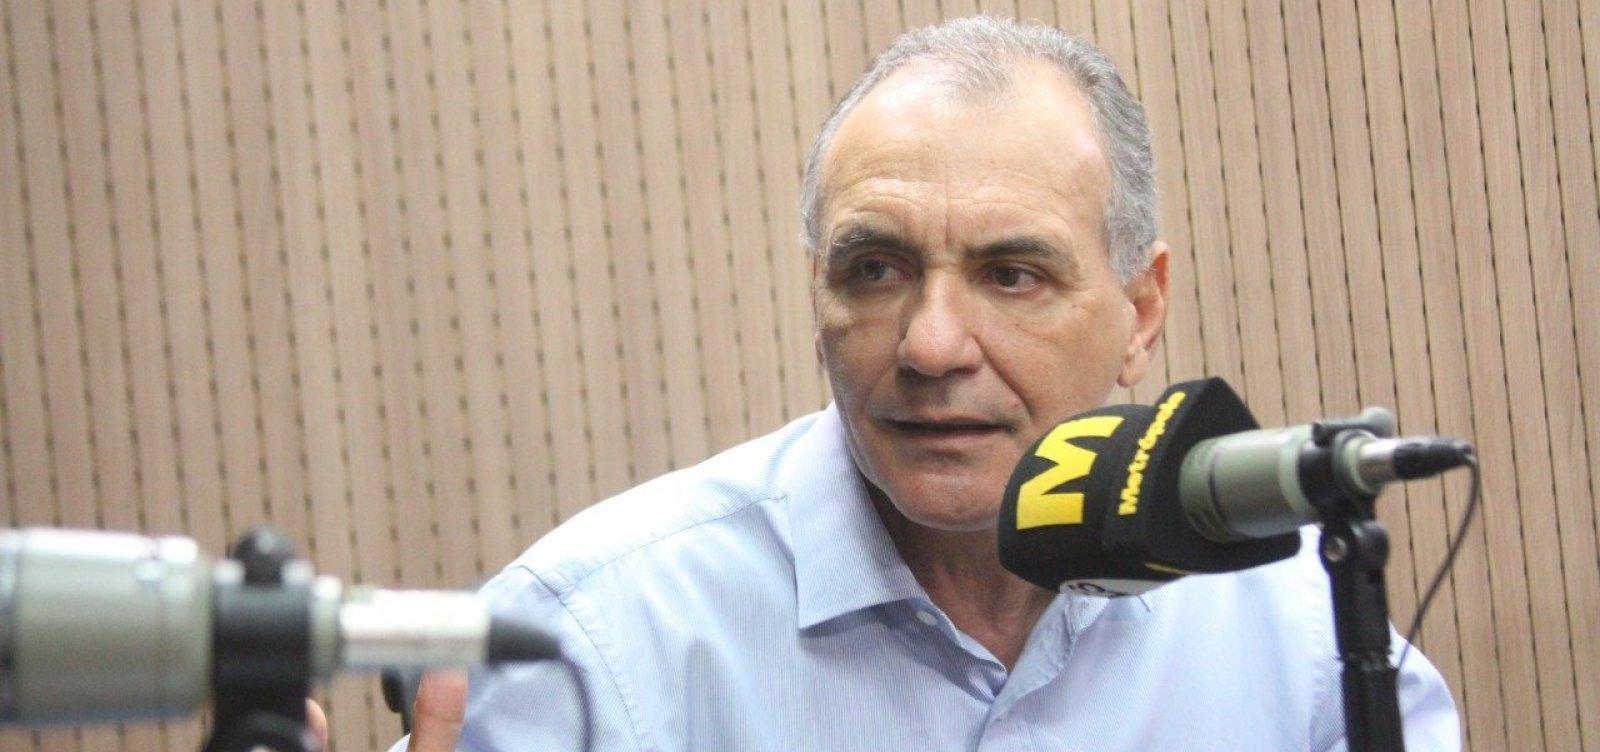 Pelegrino diz que alianças de ACM Neto 'trouxeram repercussão negativa para Salvador'